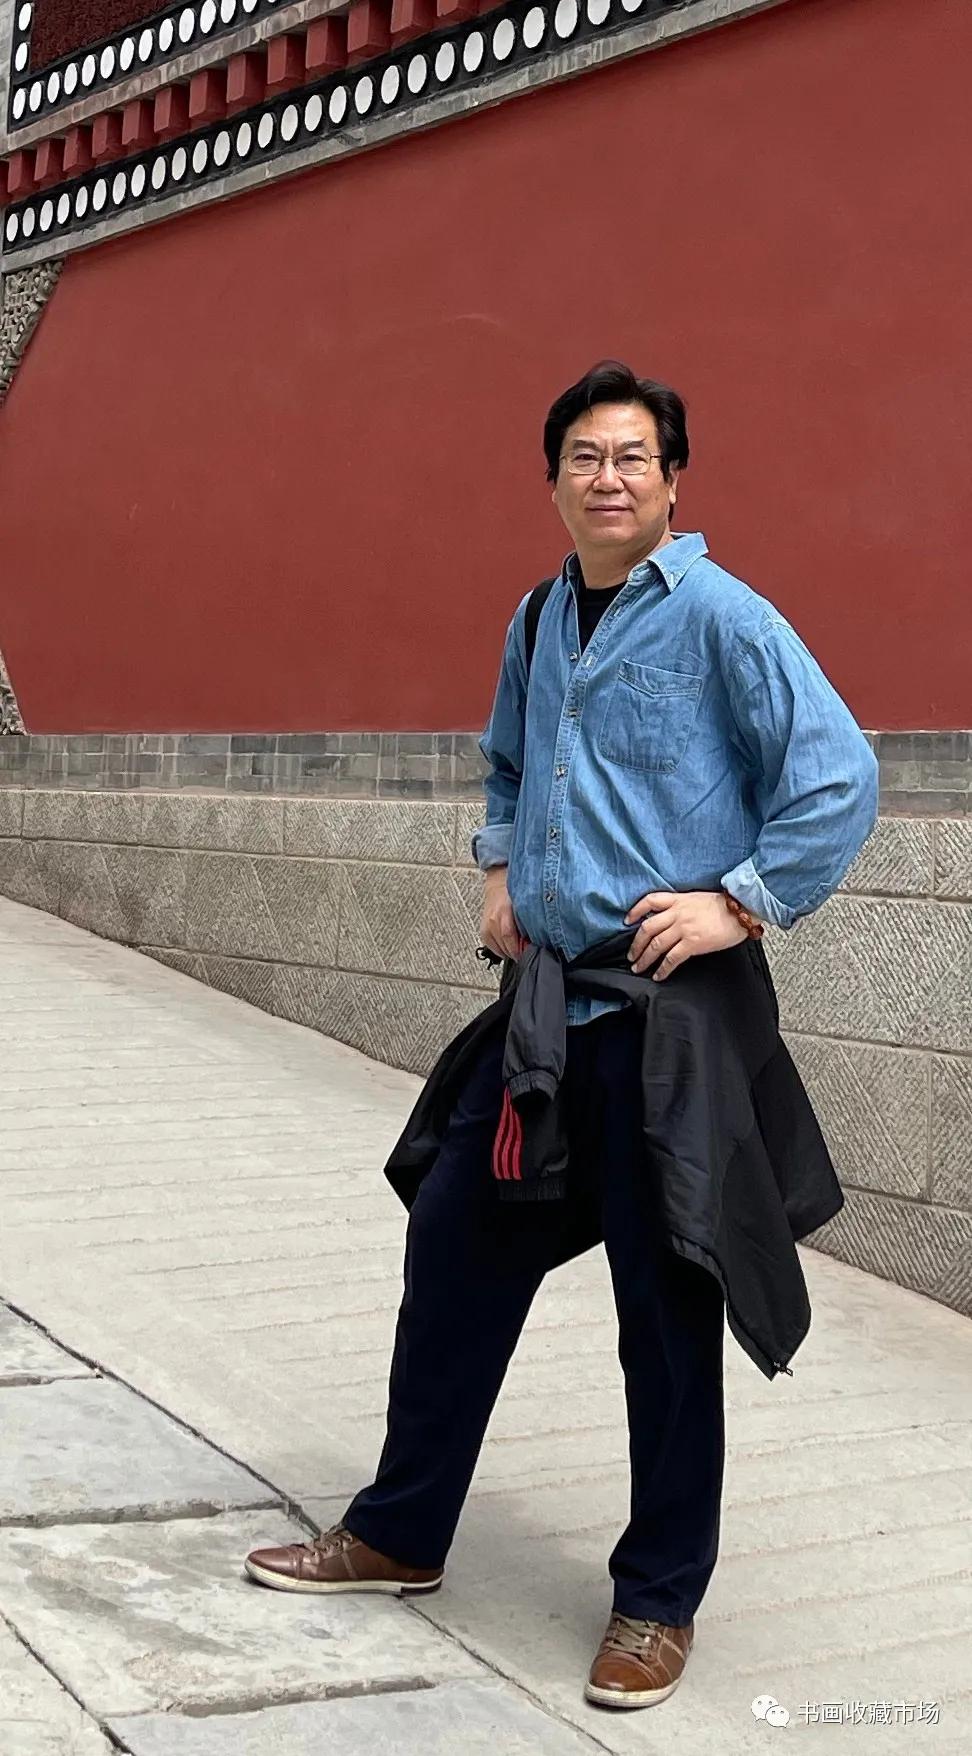 艺美中国――第三届水墨画全国名家邀请展「<a href=http://www.cngansu.cn/news/shizhou/lanzhou/ target=_blank class=infotextkey>兰州</a>站」